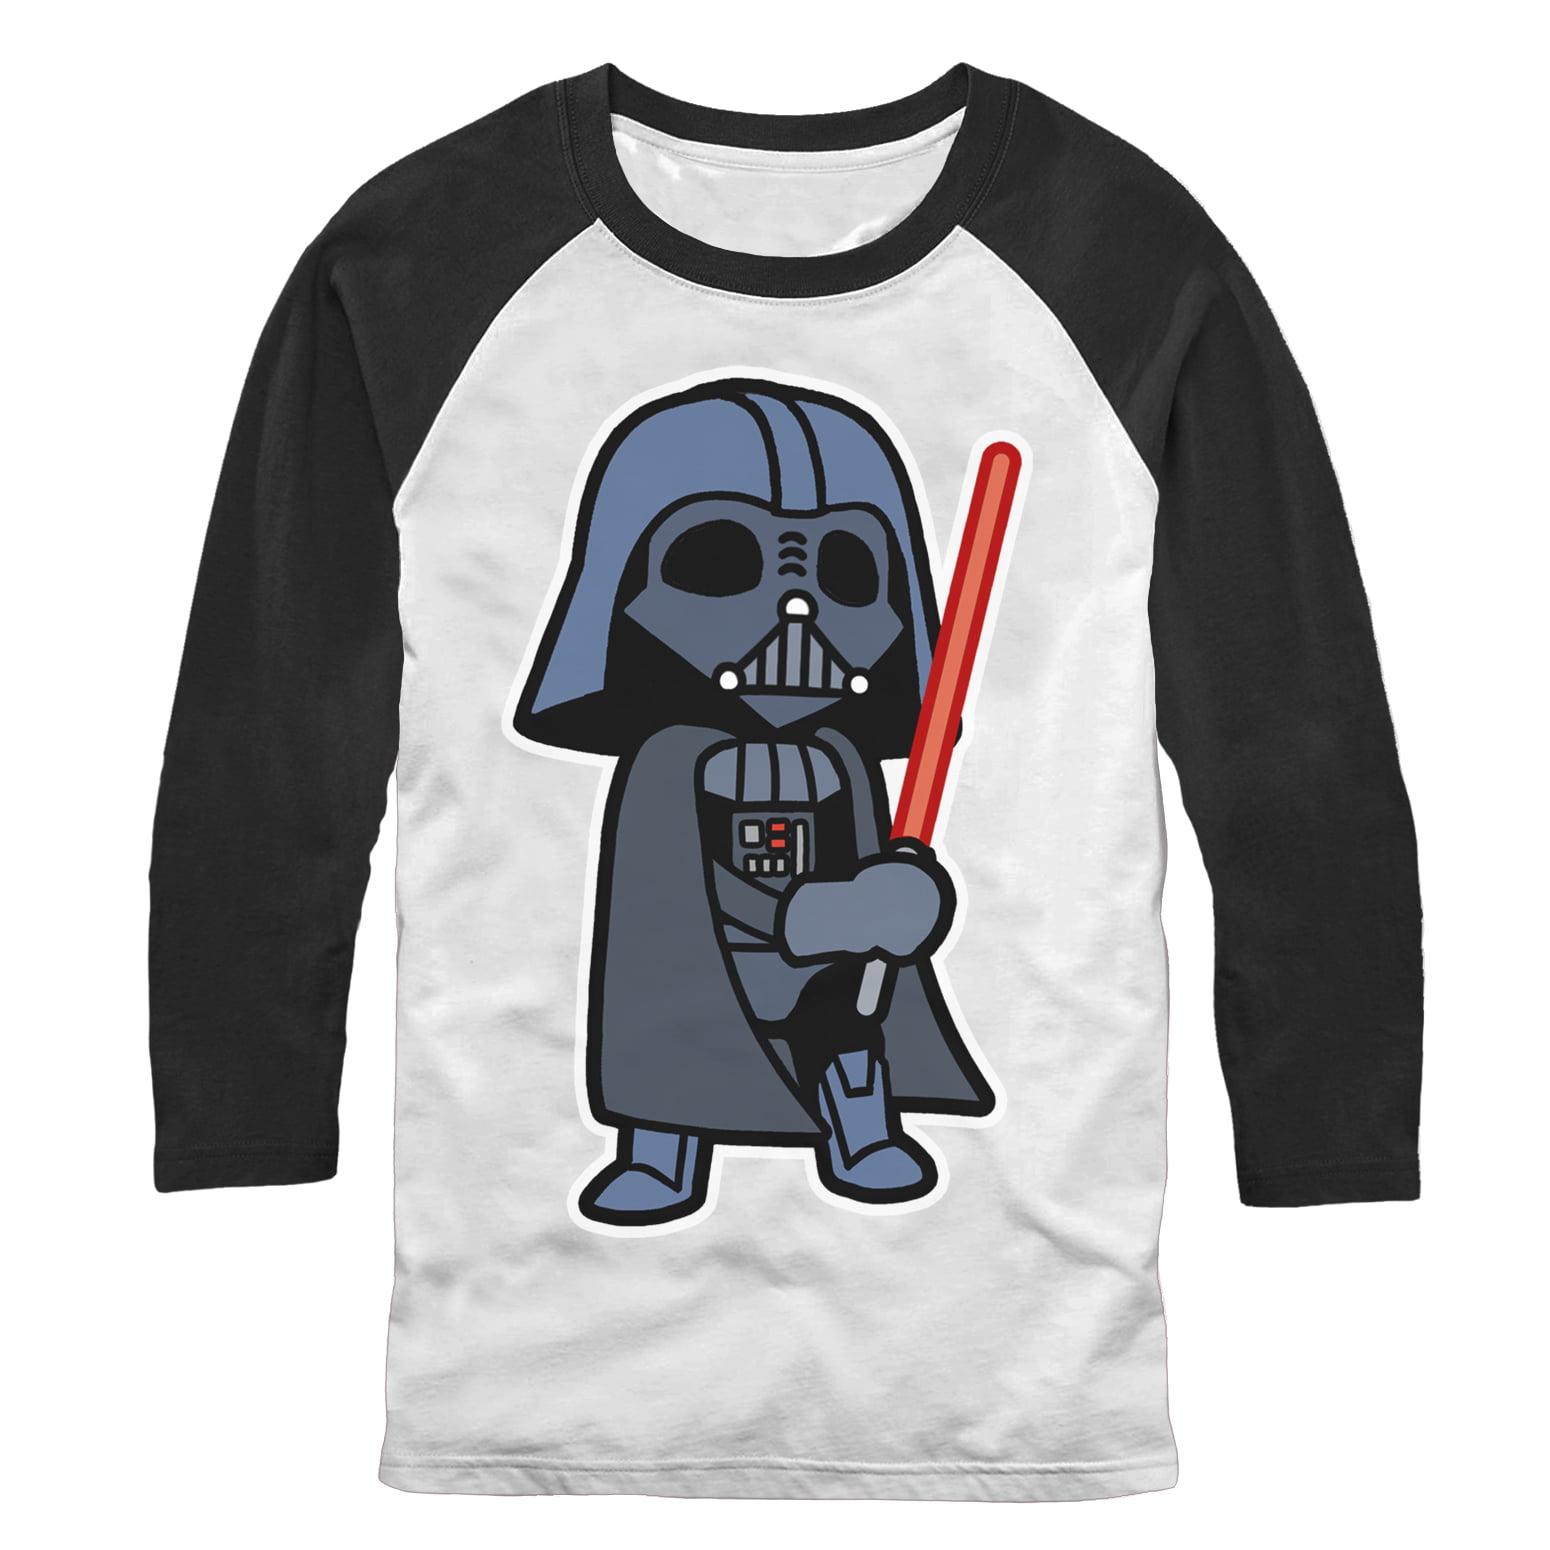 Star Wars Mens Darth Vader Cartoon T-Shirt